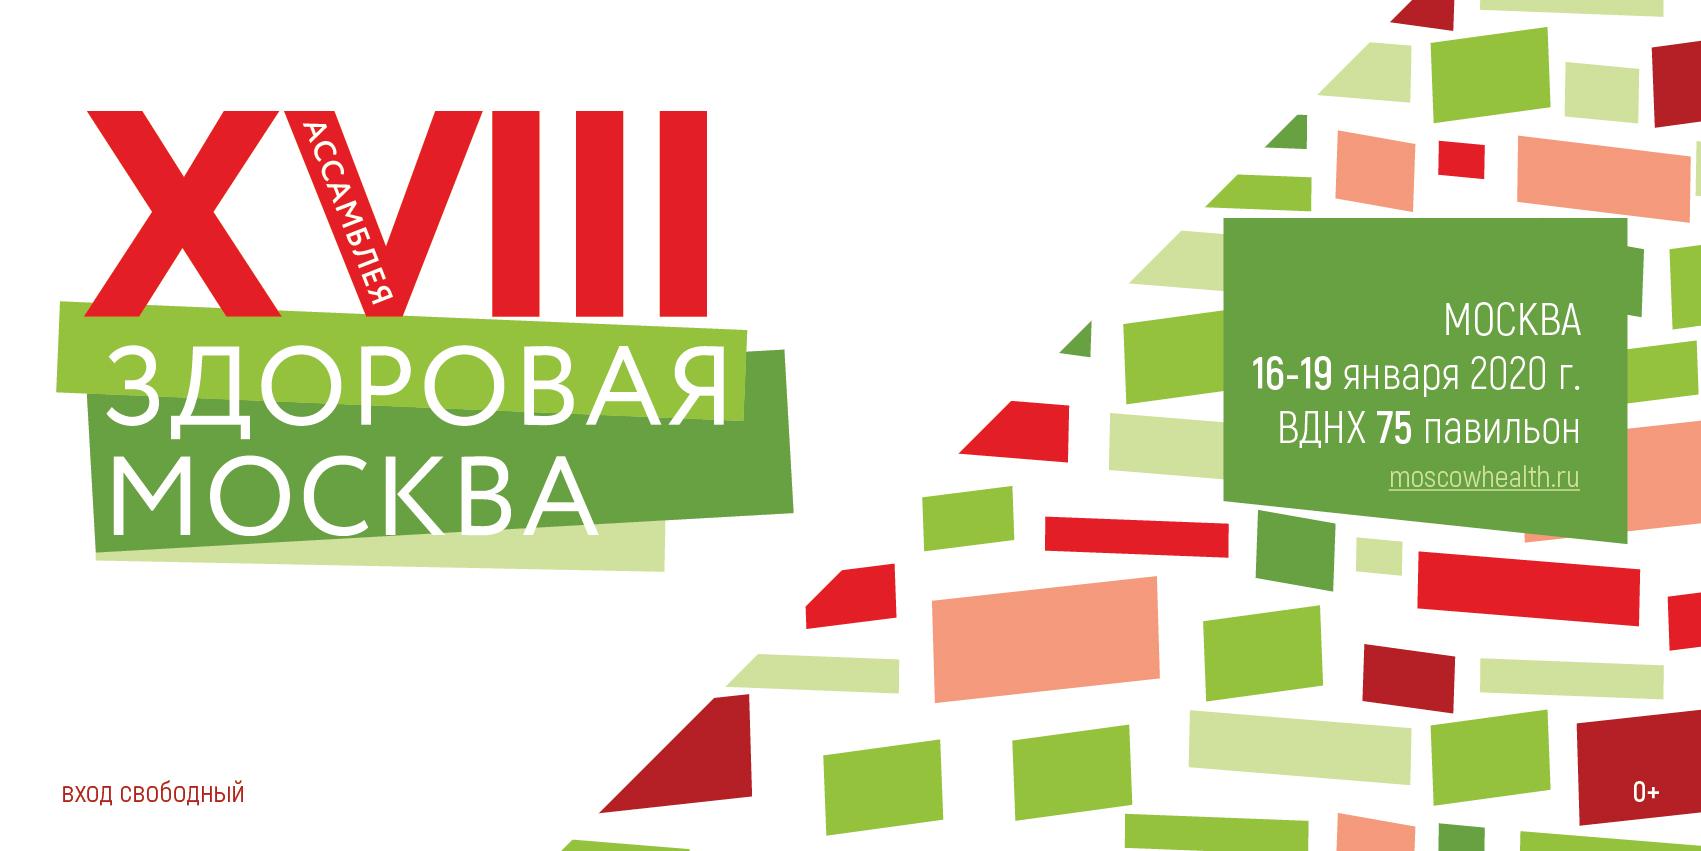 XVIII Ассамблея